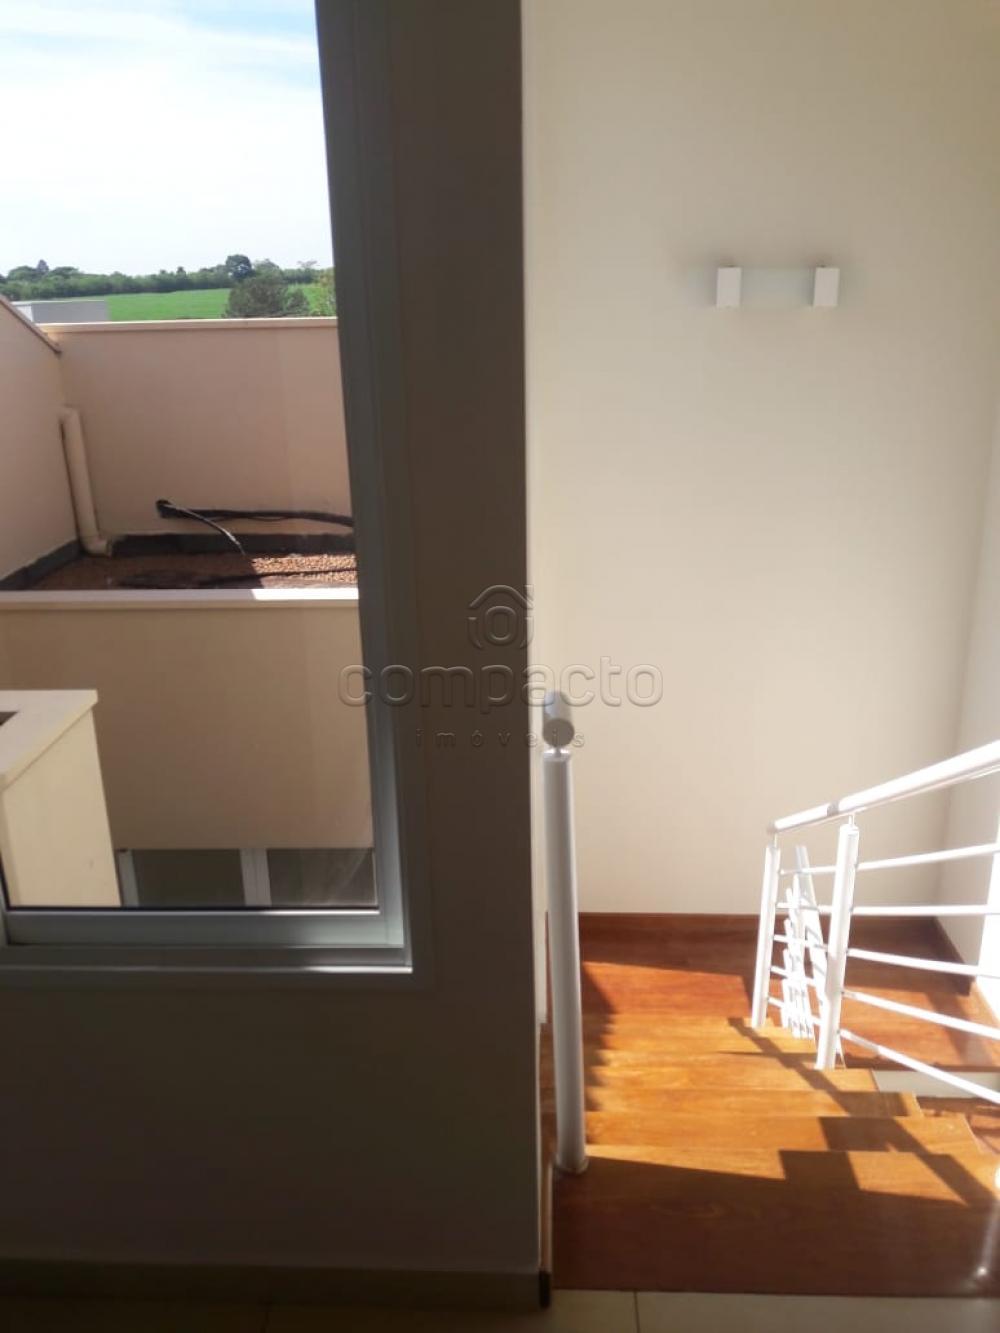 Alugar Casa / Condomínio em São José do Rio Preto apenas R$ 4.500,00 - Foto 9